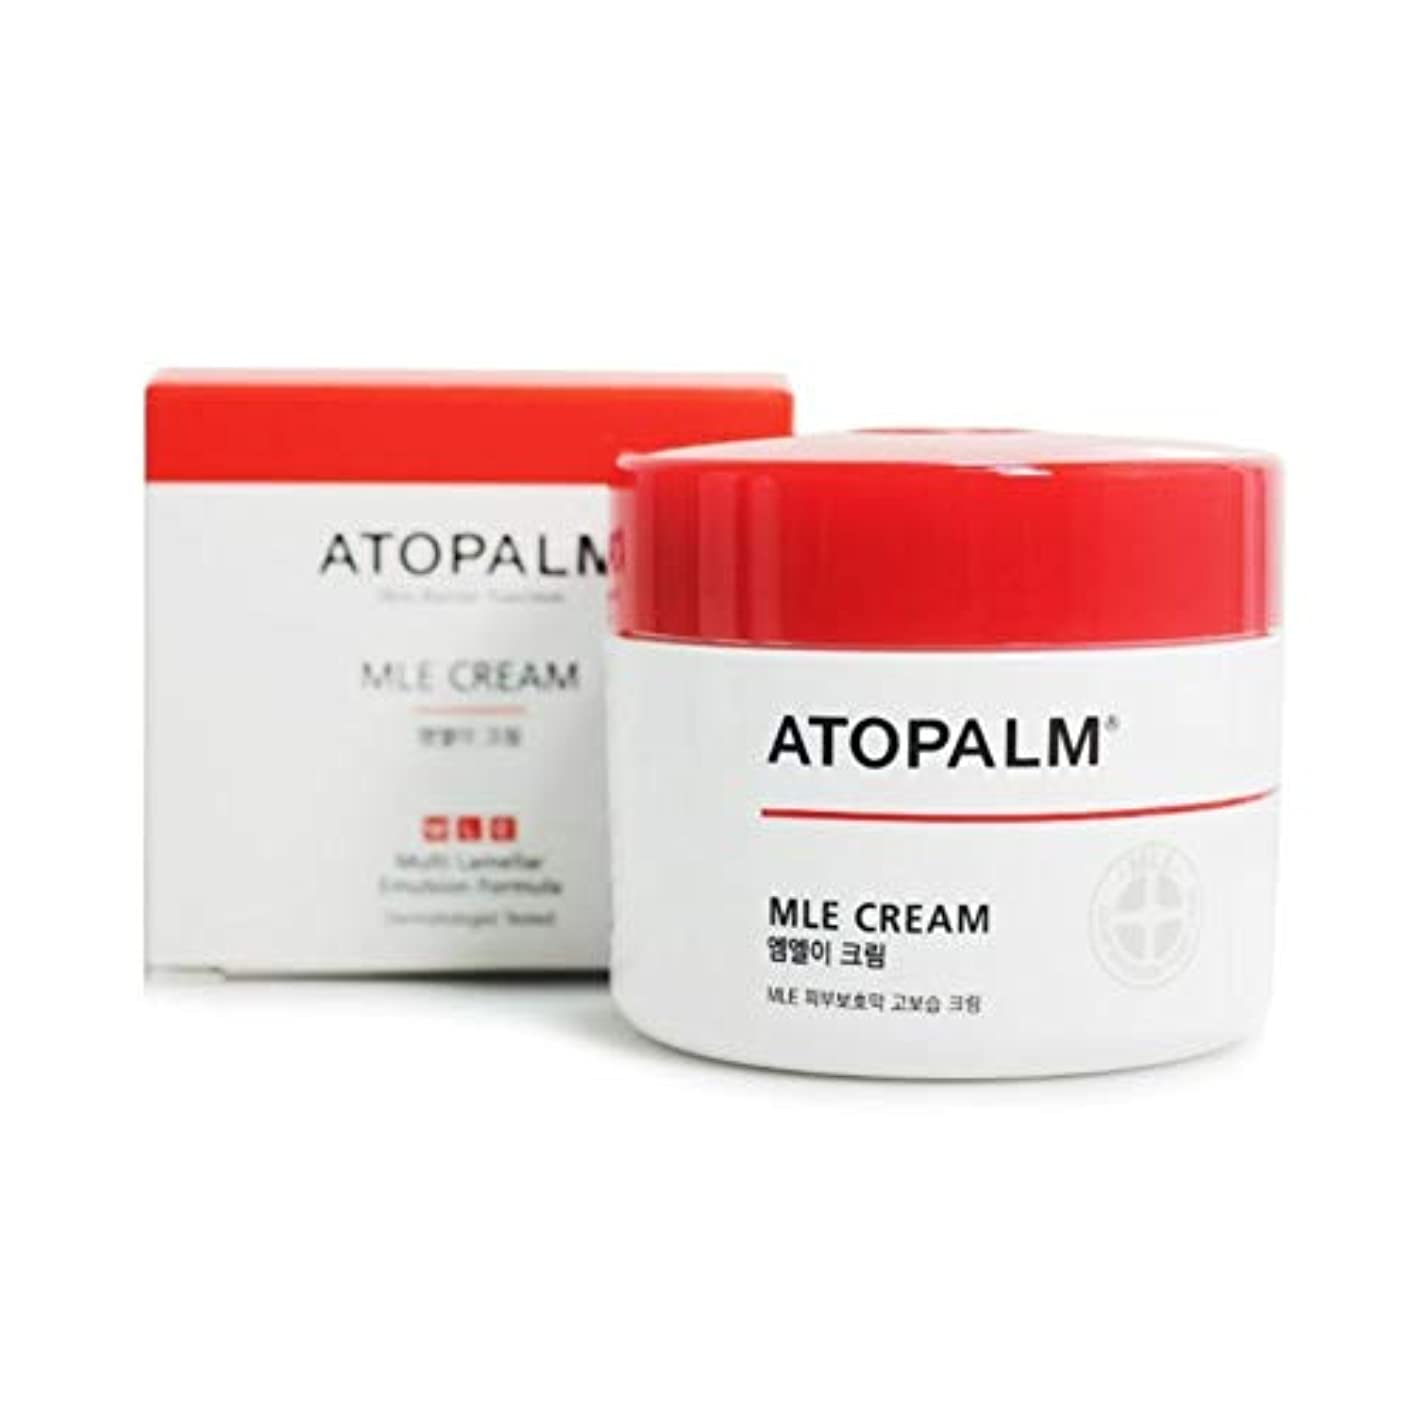 回復する盆地スラックアトパムMLEクリーム160mlベビークリーム韓国コスメ、Atopalm MLE Cream 160ml Baby Cream Korean Cosmetics [並行輸入品]